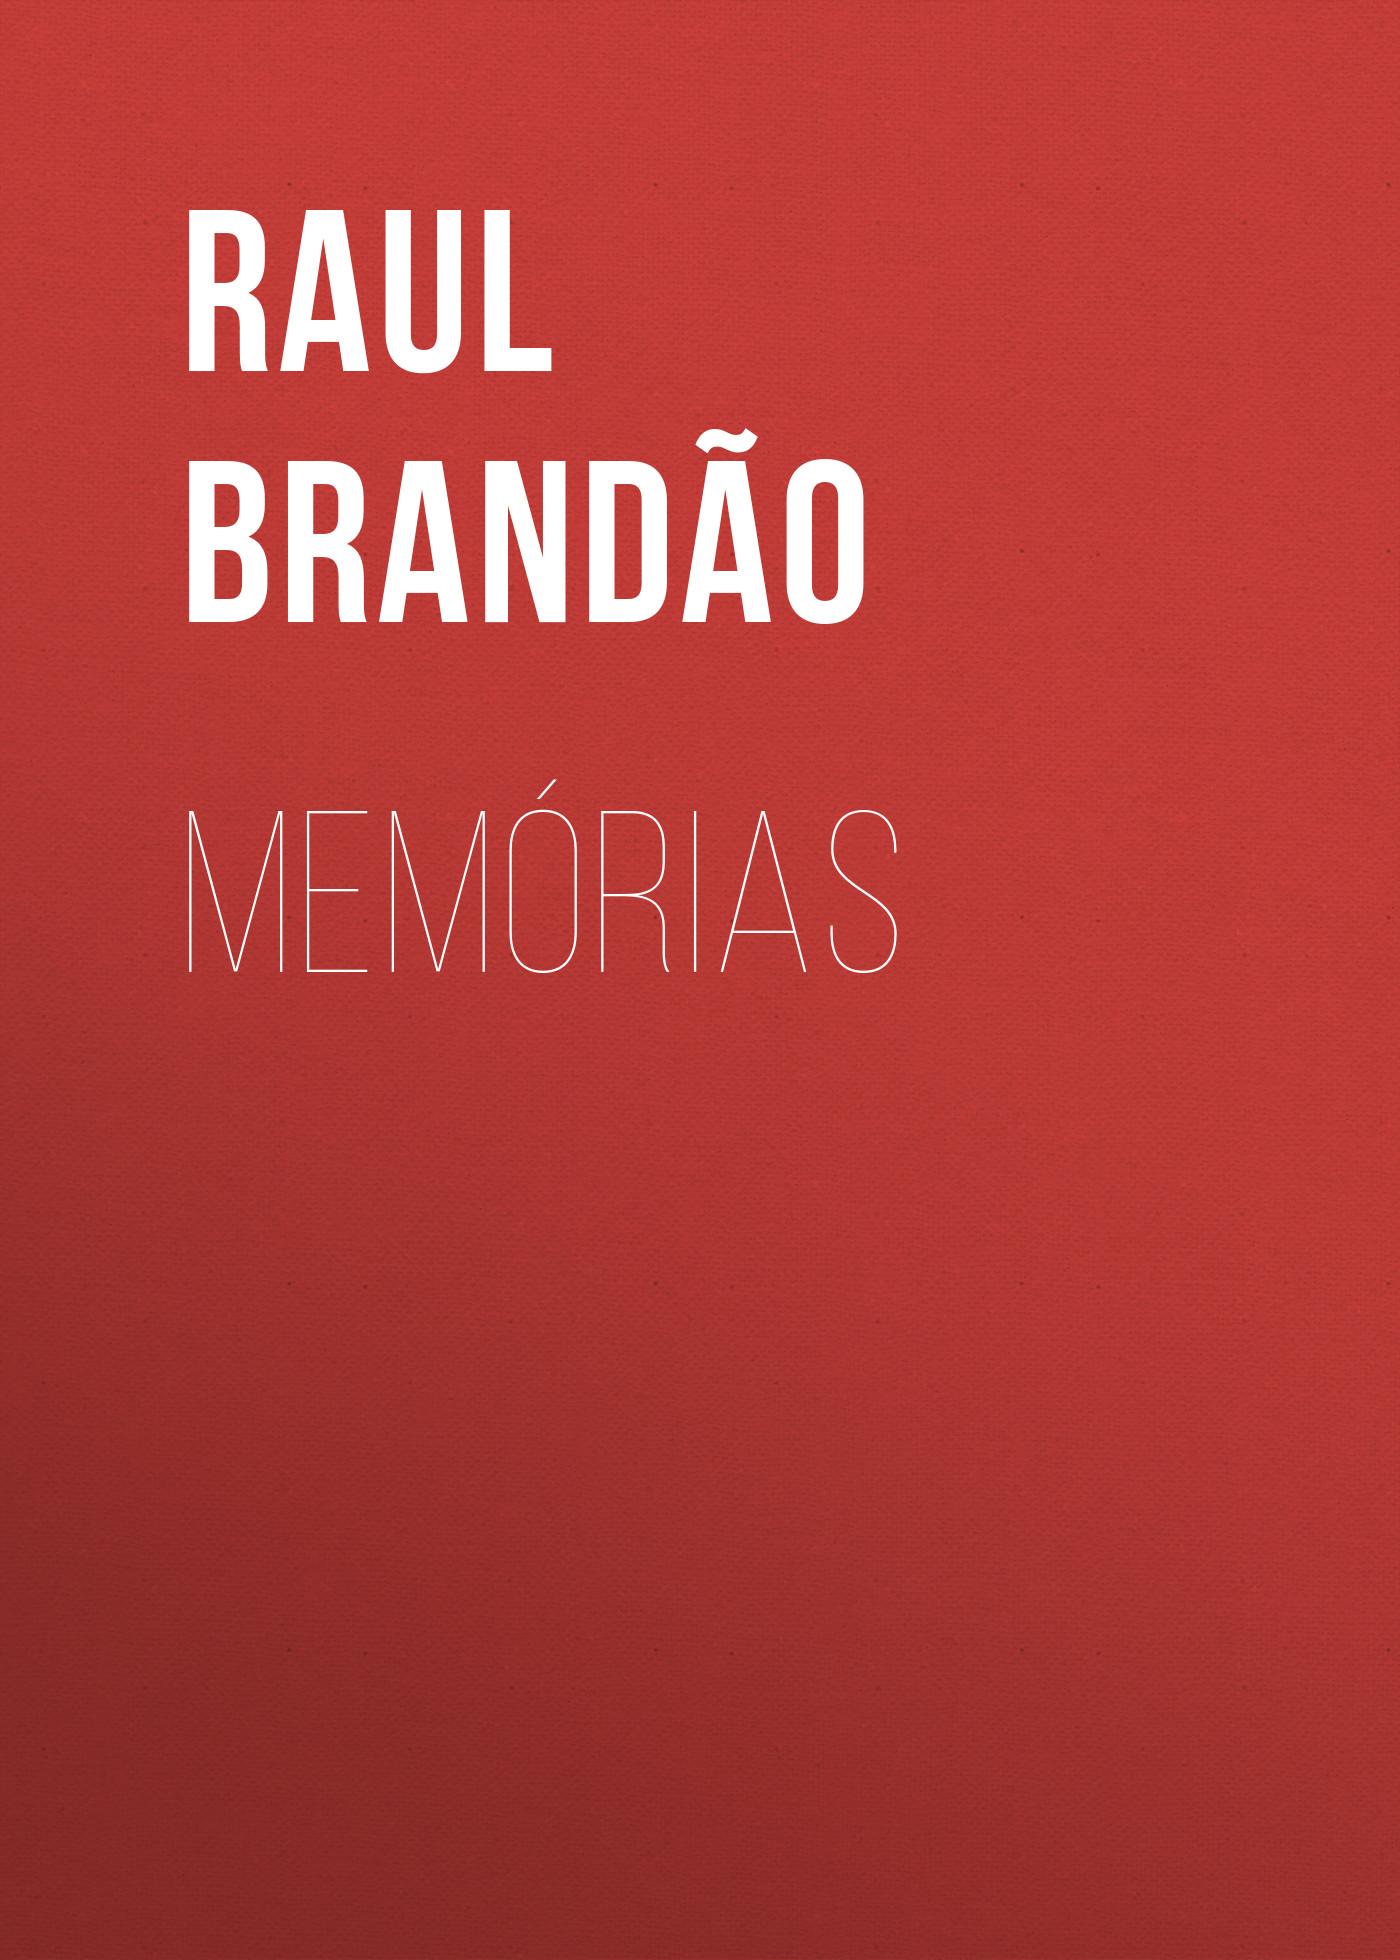 Admiro Quem Me Atura Todos Os Dias brandão raul, memórias – читать онлайн полностью – ЛитРес